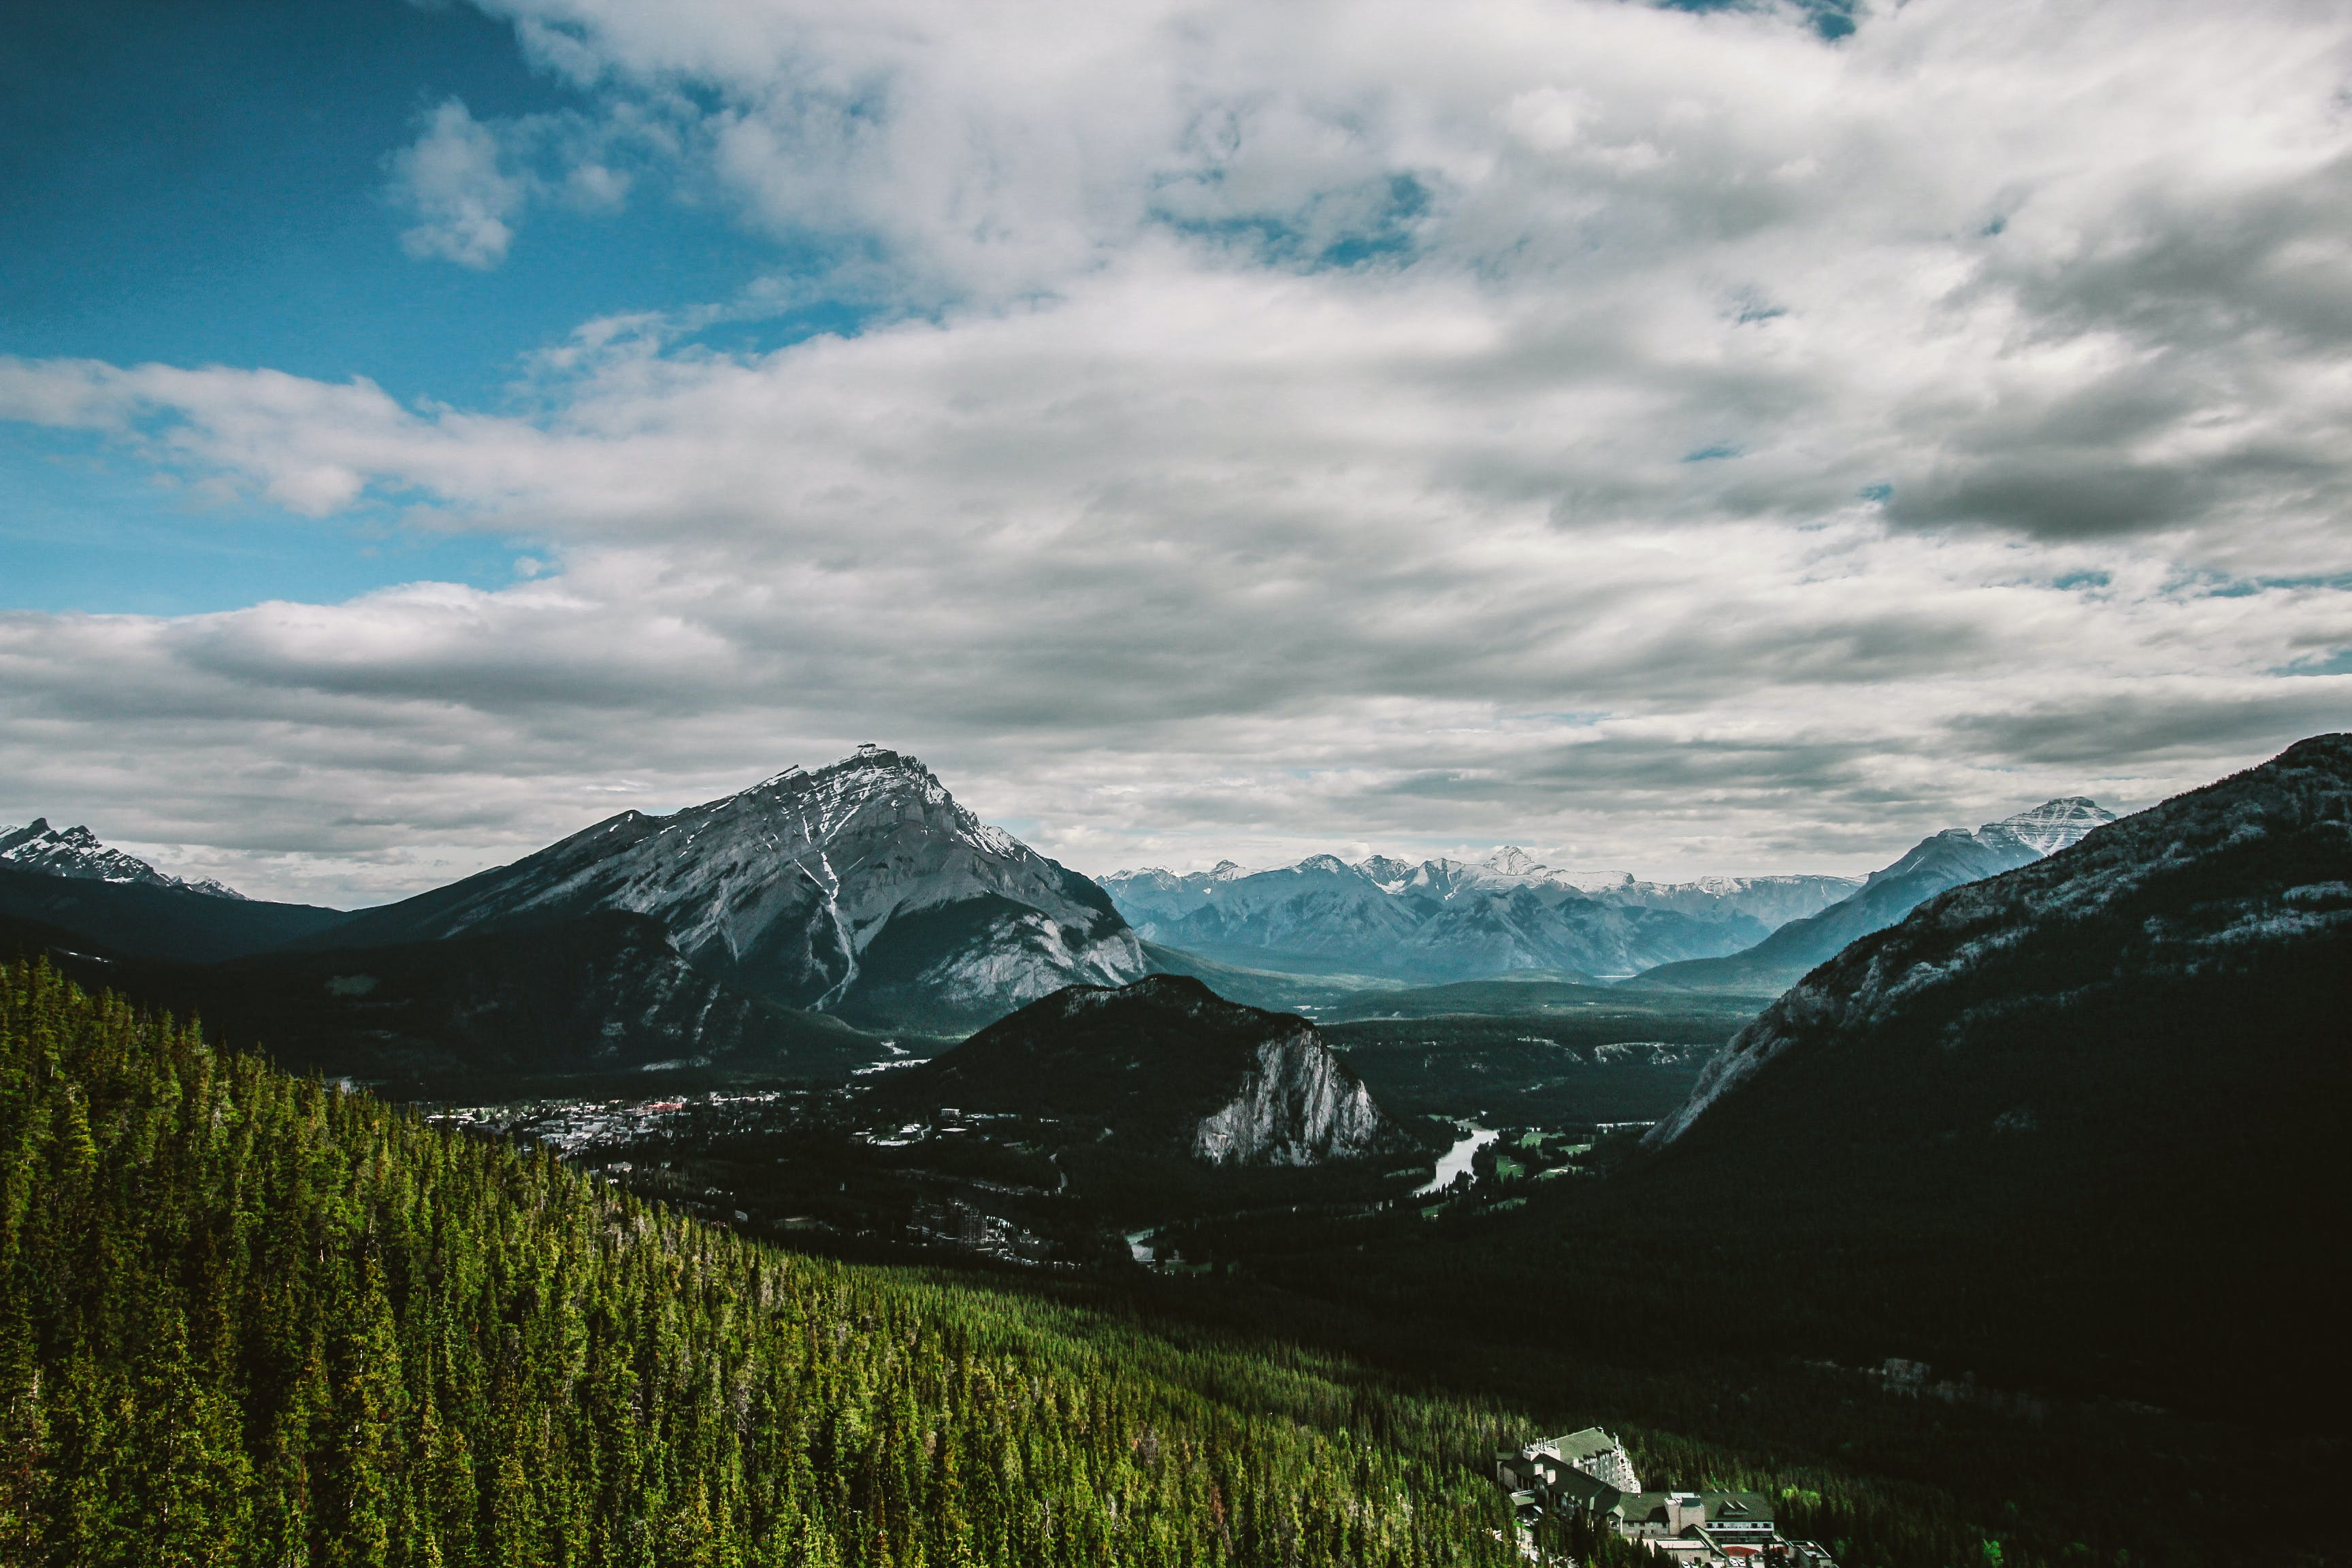 Δωρεάν στοκ φωτογραφιών με βουνά, βουνοκορφή, γραφικός, δασικός